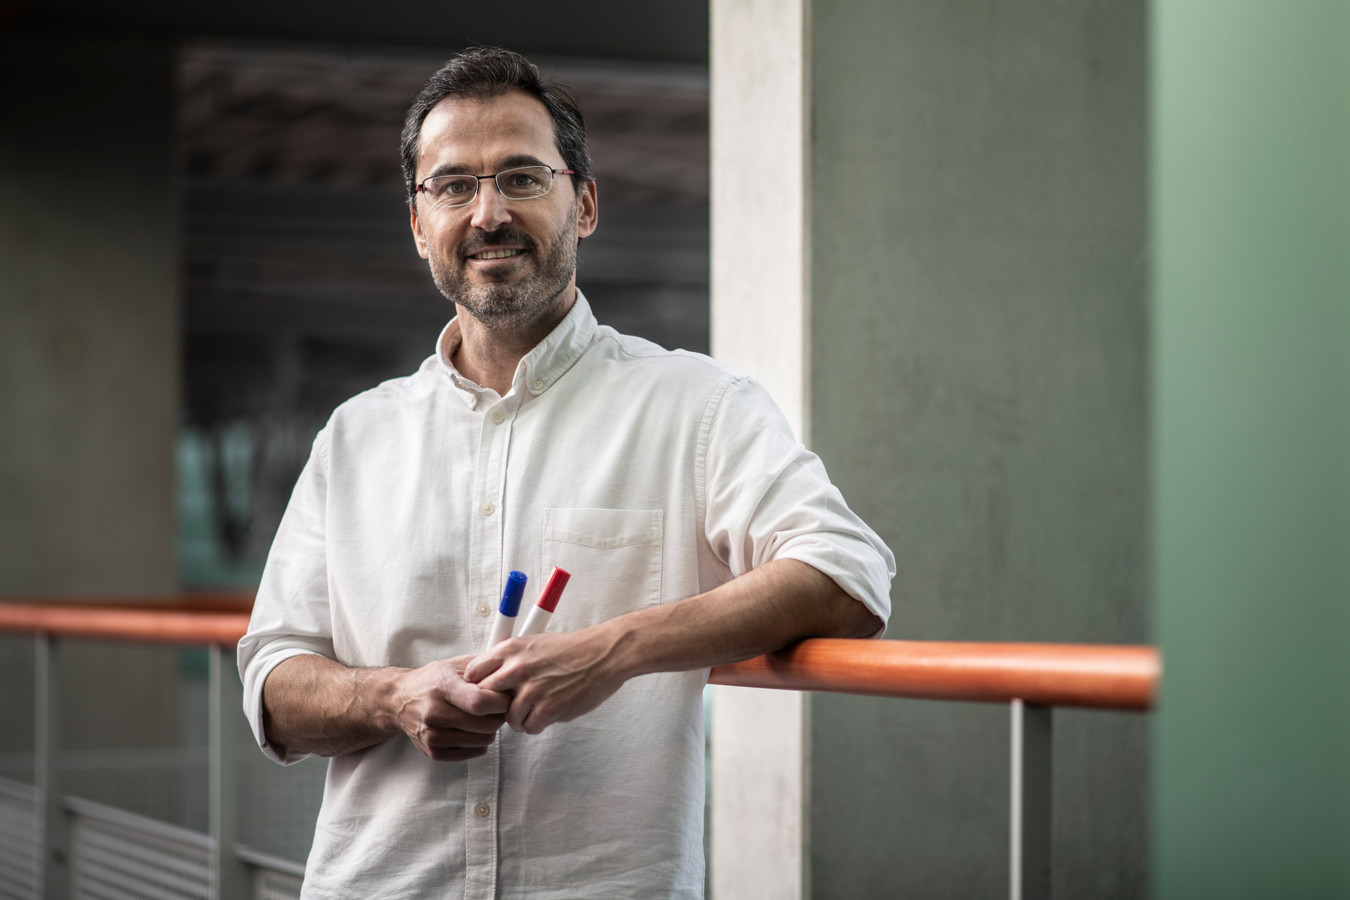 PR dgfoto Gelderlander Nijmegen: dr. Daniel Blanco van de Radboud Universiteit heeft zijn derde onderwijsprijs gewonnen.